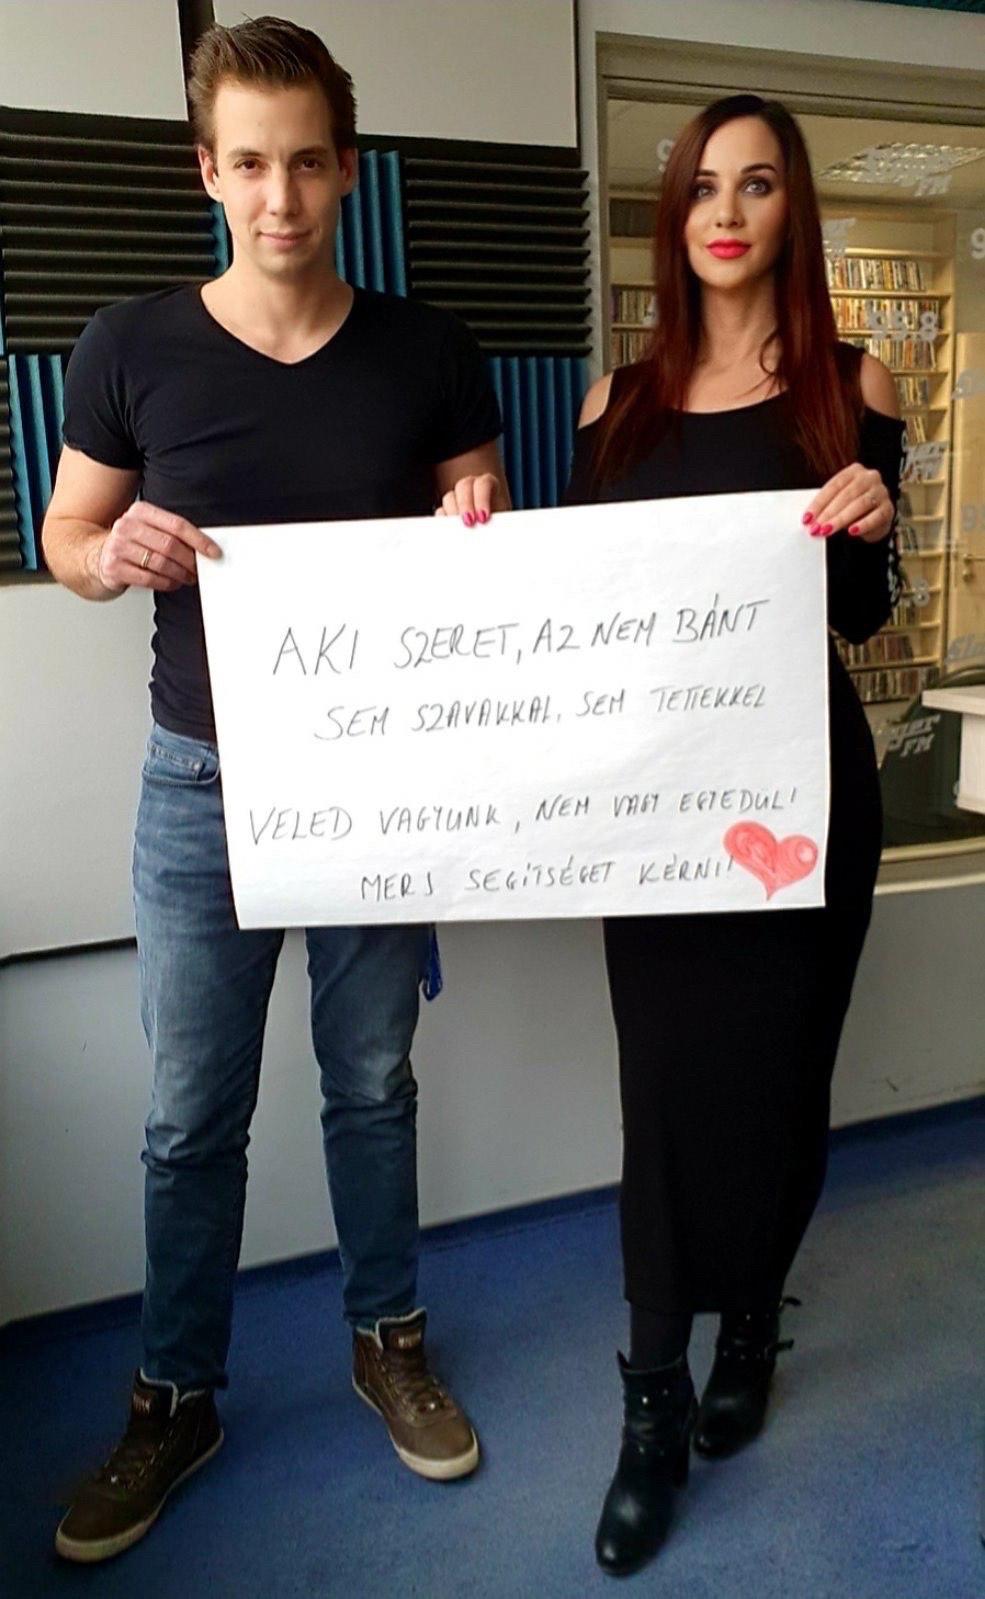 Pordán Petra, Viktorin Tamás rádiósok bántalmazott nők védelmére állnak